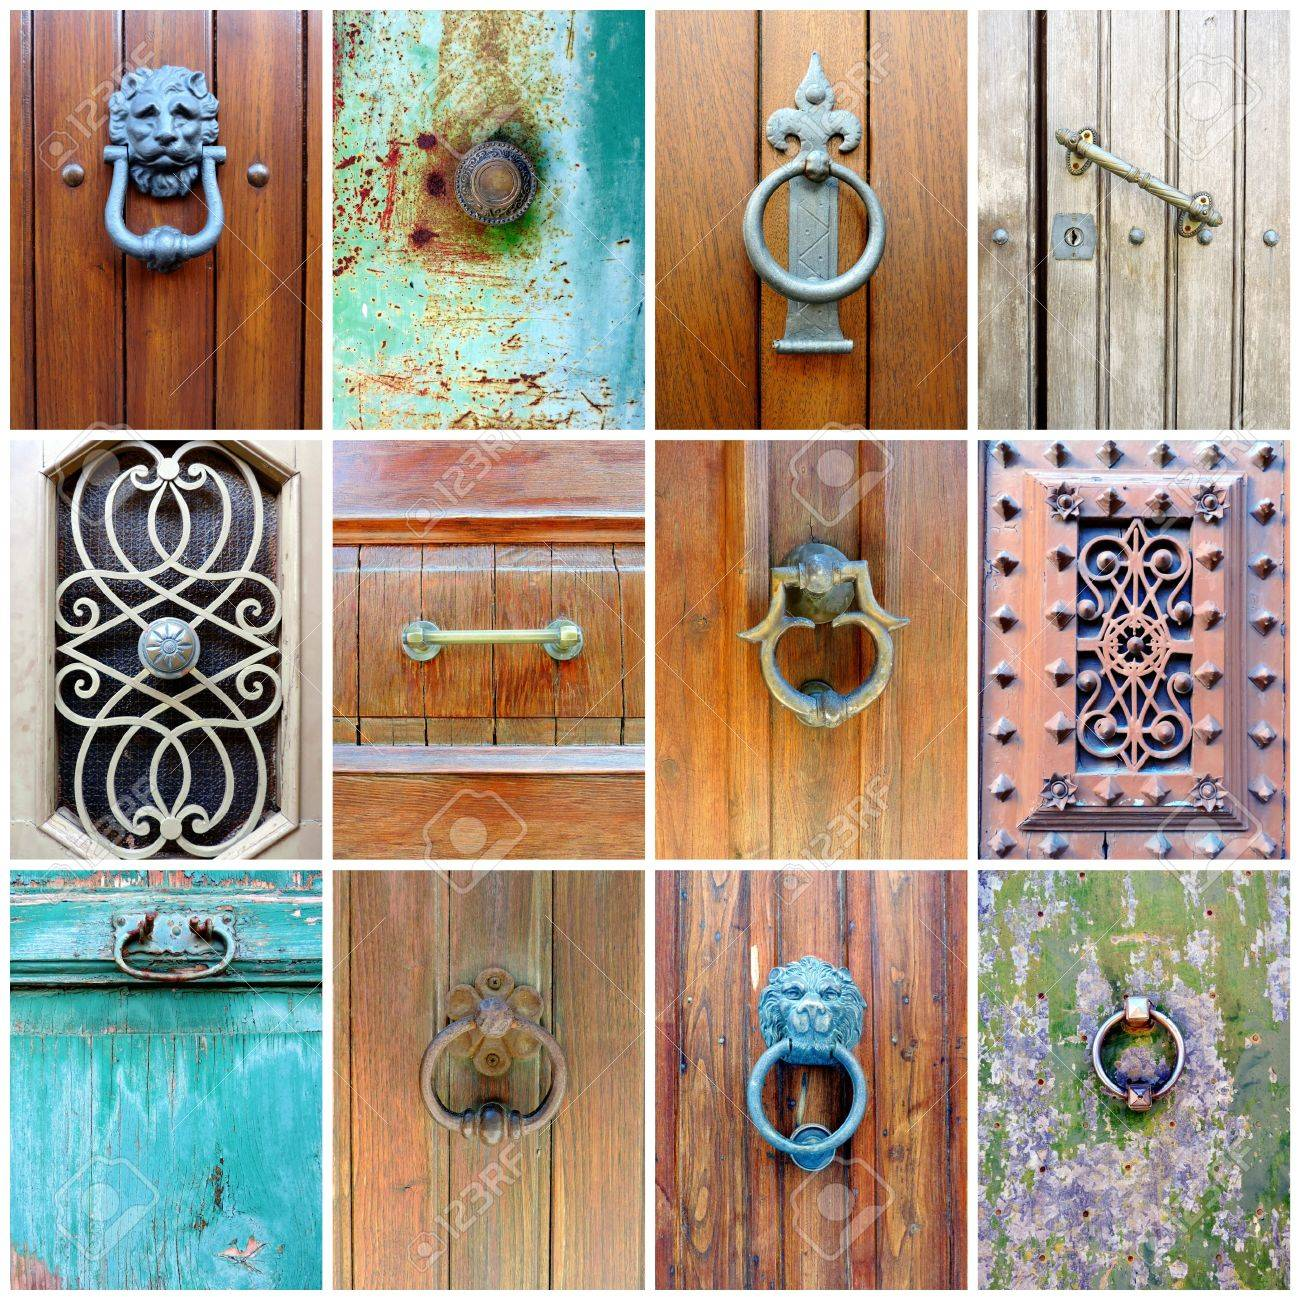 Colección De 12 Pomos De Las Puertas Antiguas Y Ornamentos Decorativos De La Puerta Elementos De Madera Y Metálicas De Las Puertas De La Ciudad